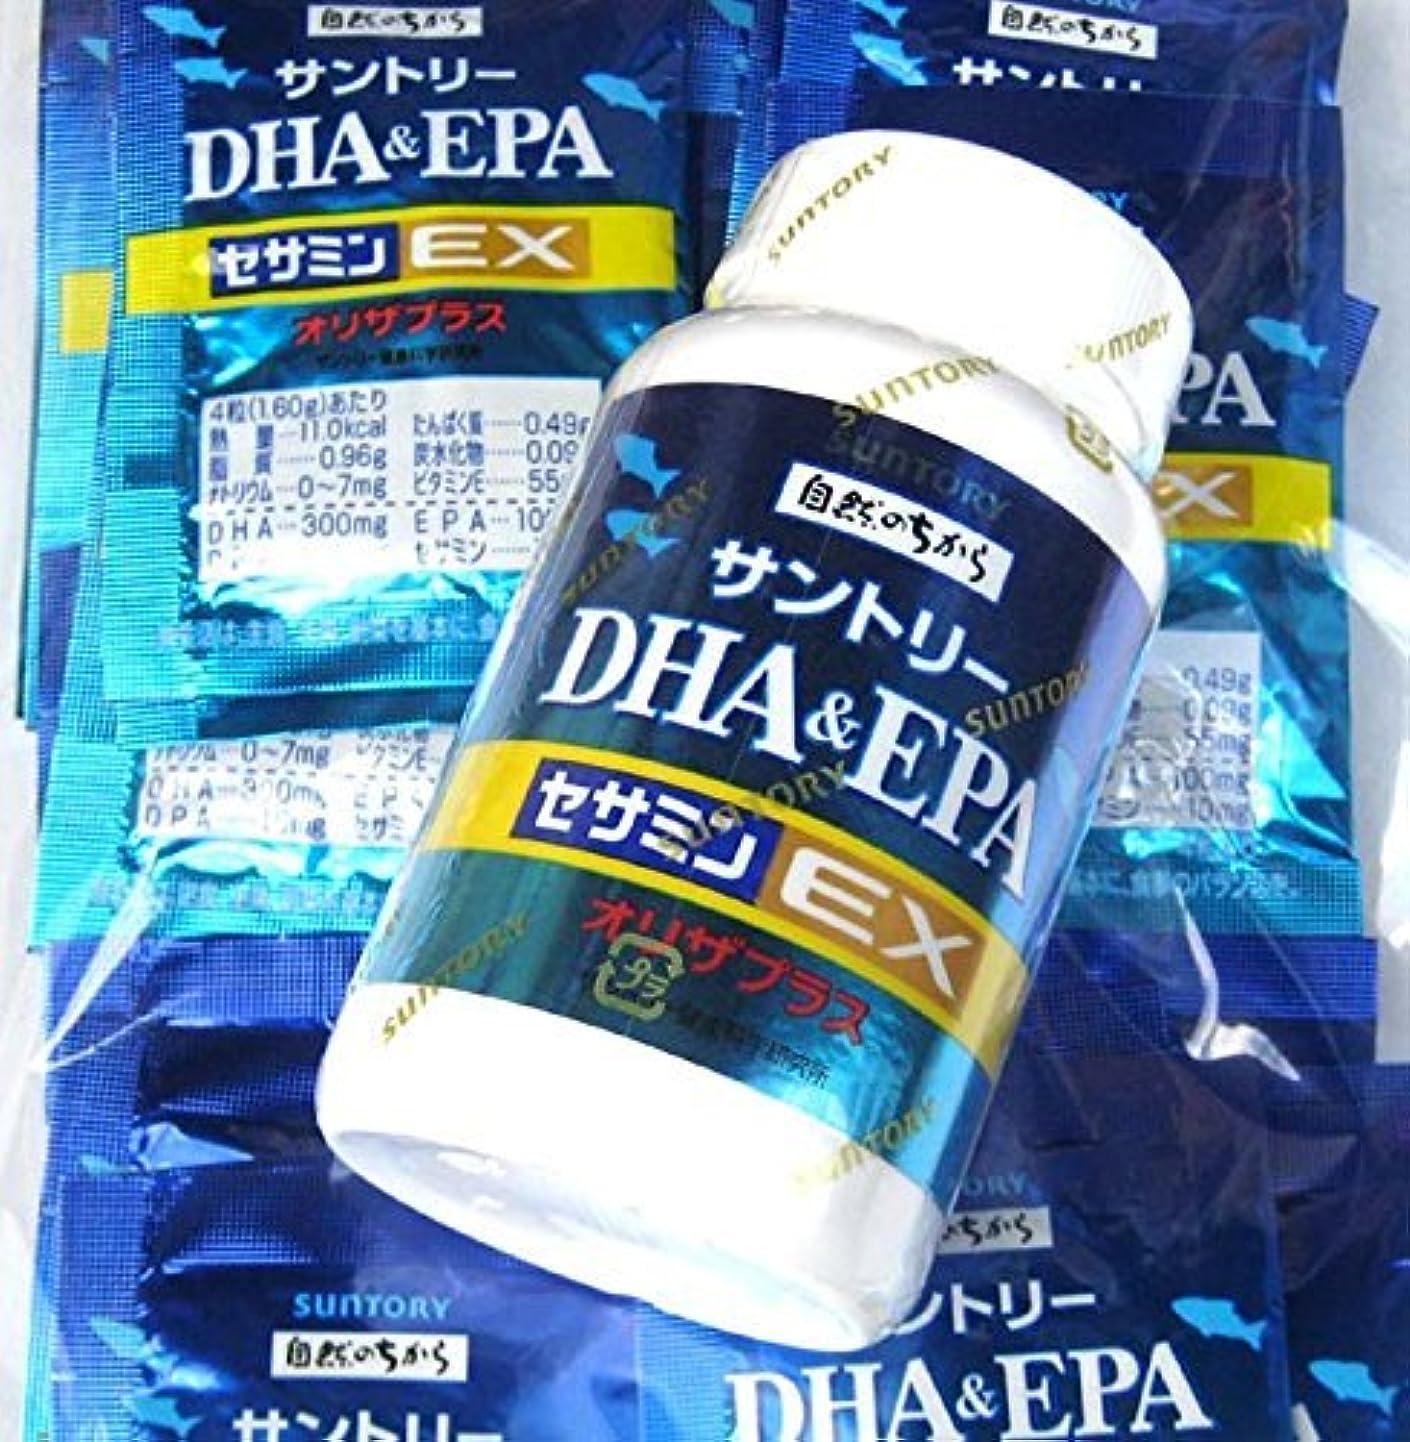 説教するビザゆでるサントリー DHA&EPA+セサミンEX 360粒 (240粒+120粒